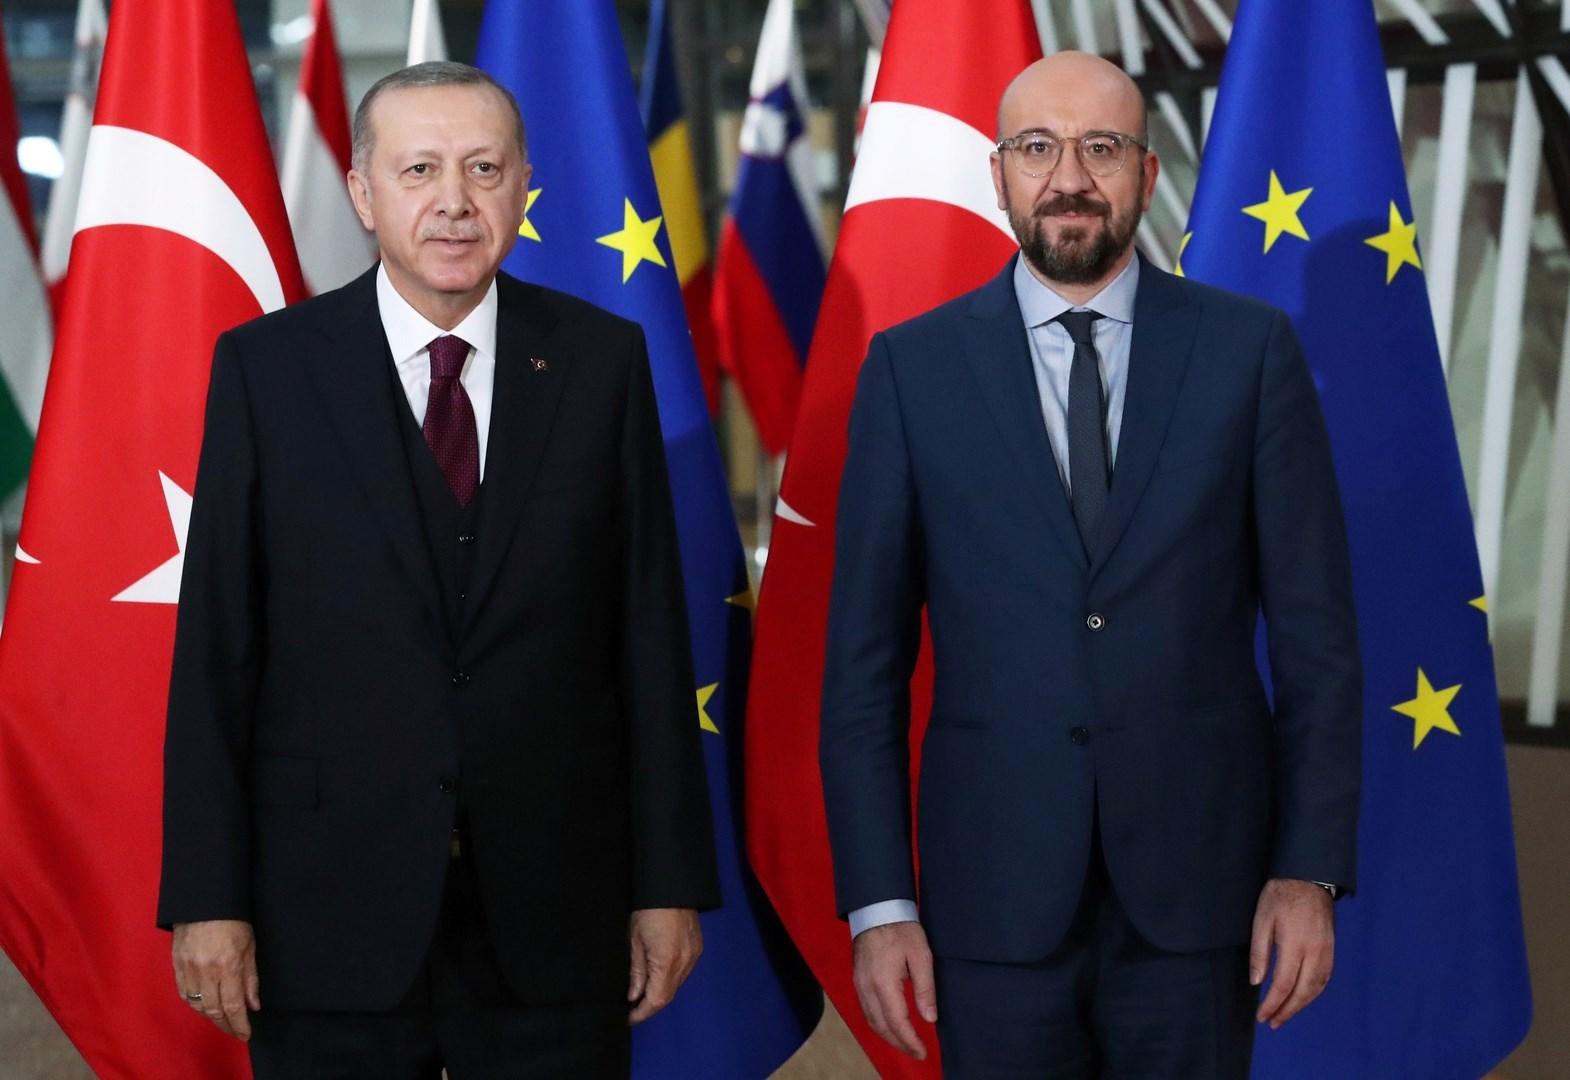 رئيس مجلس الاتحاد الأوروبي شارل ميشيل والرئيس التركي رجب طيب إردوغان